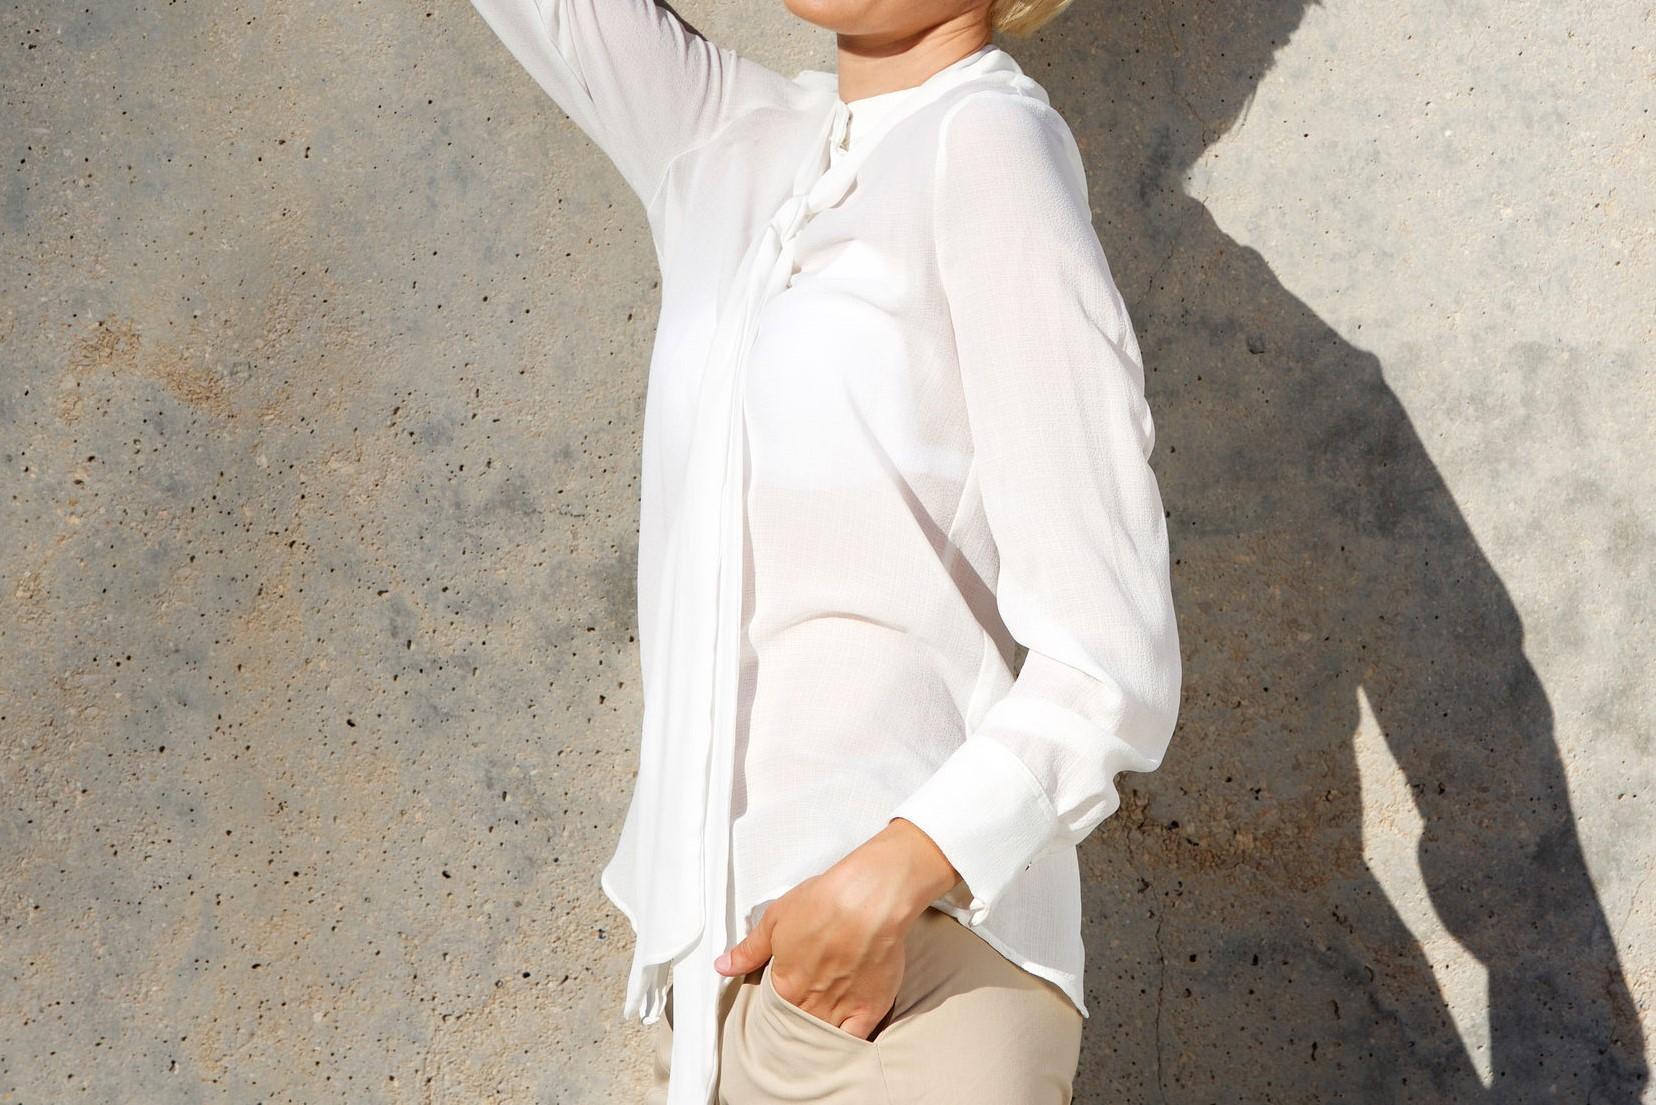 ほど良い透け感でフェミニンに!シアー素材の大人着こなし術